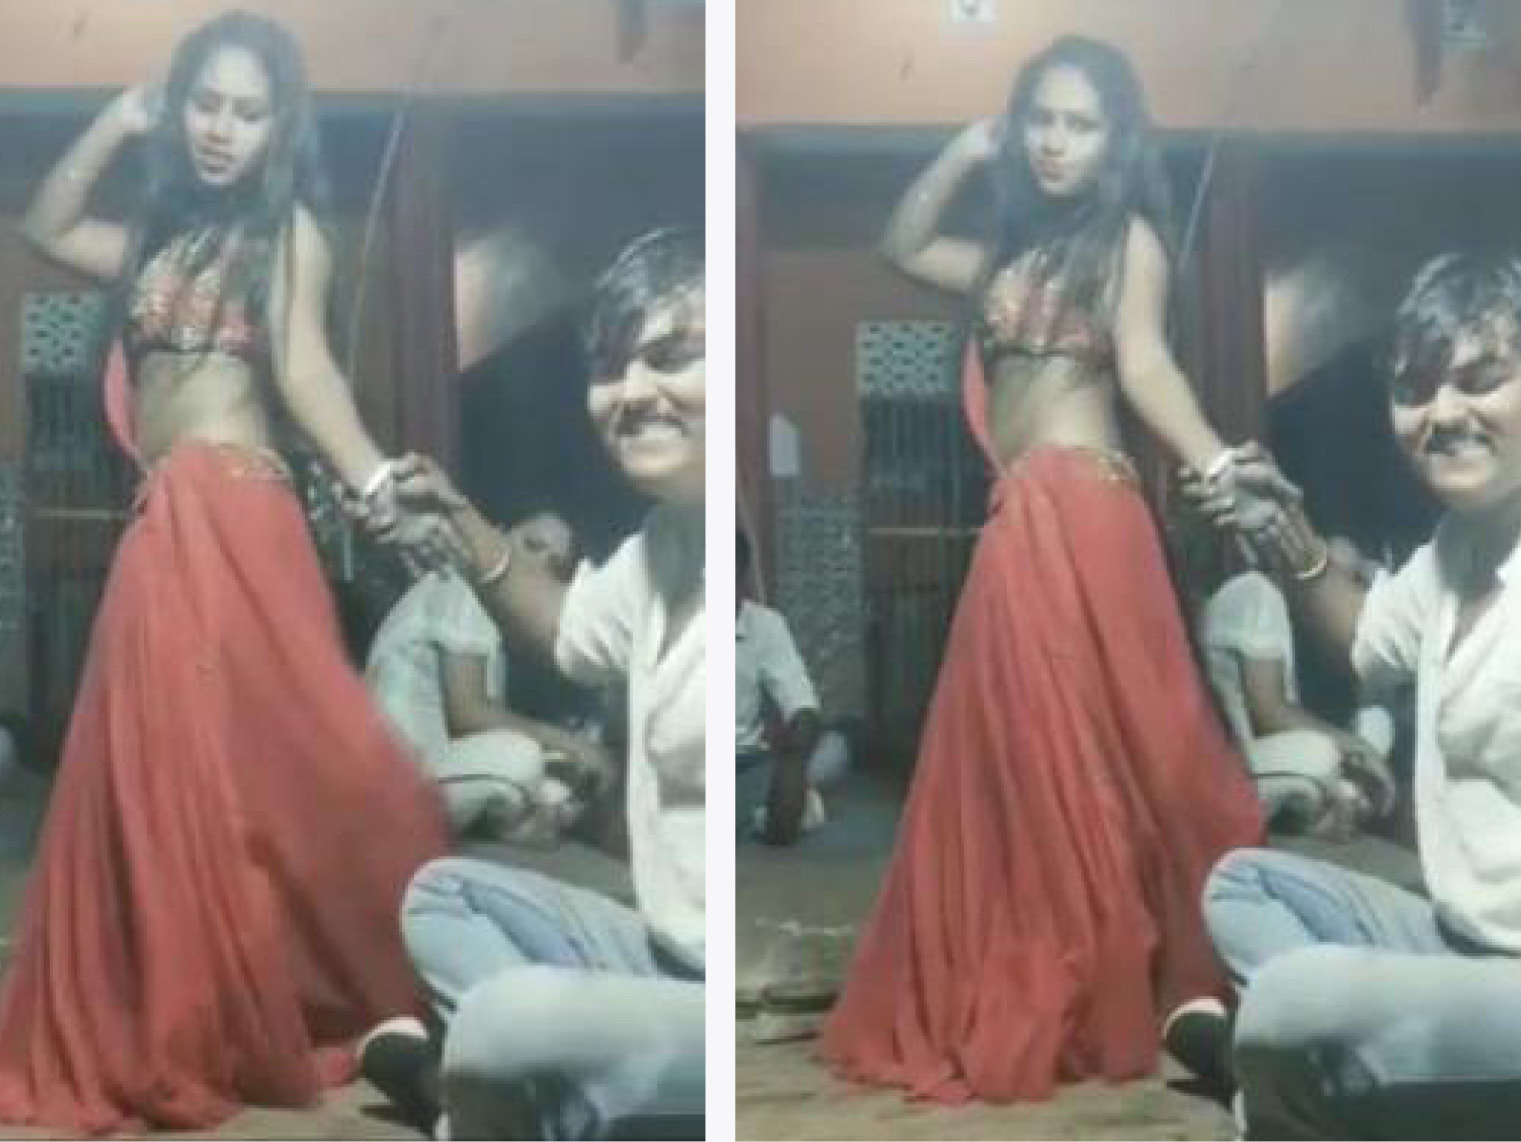 रितिक सिंह पटेल किसी अज्ञात स्थान पर युवतियों के साथ डांस करता दिखाई पड़ रहा है।